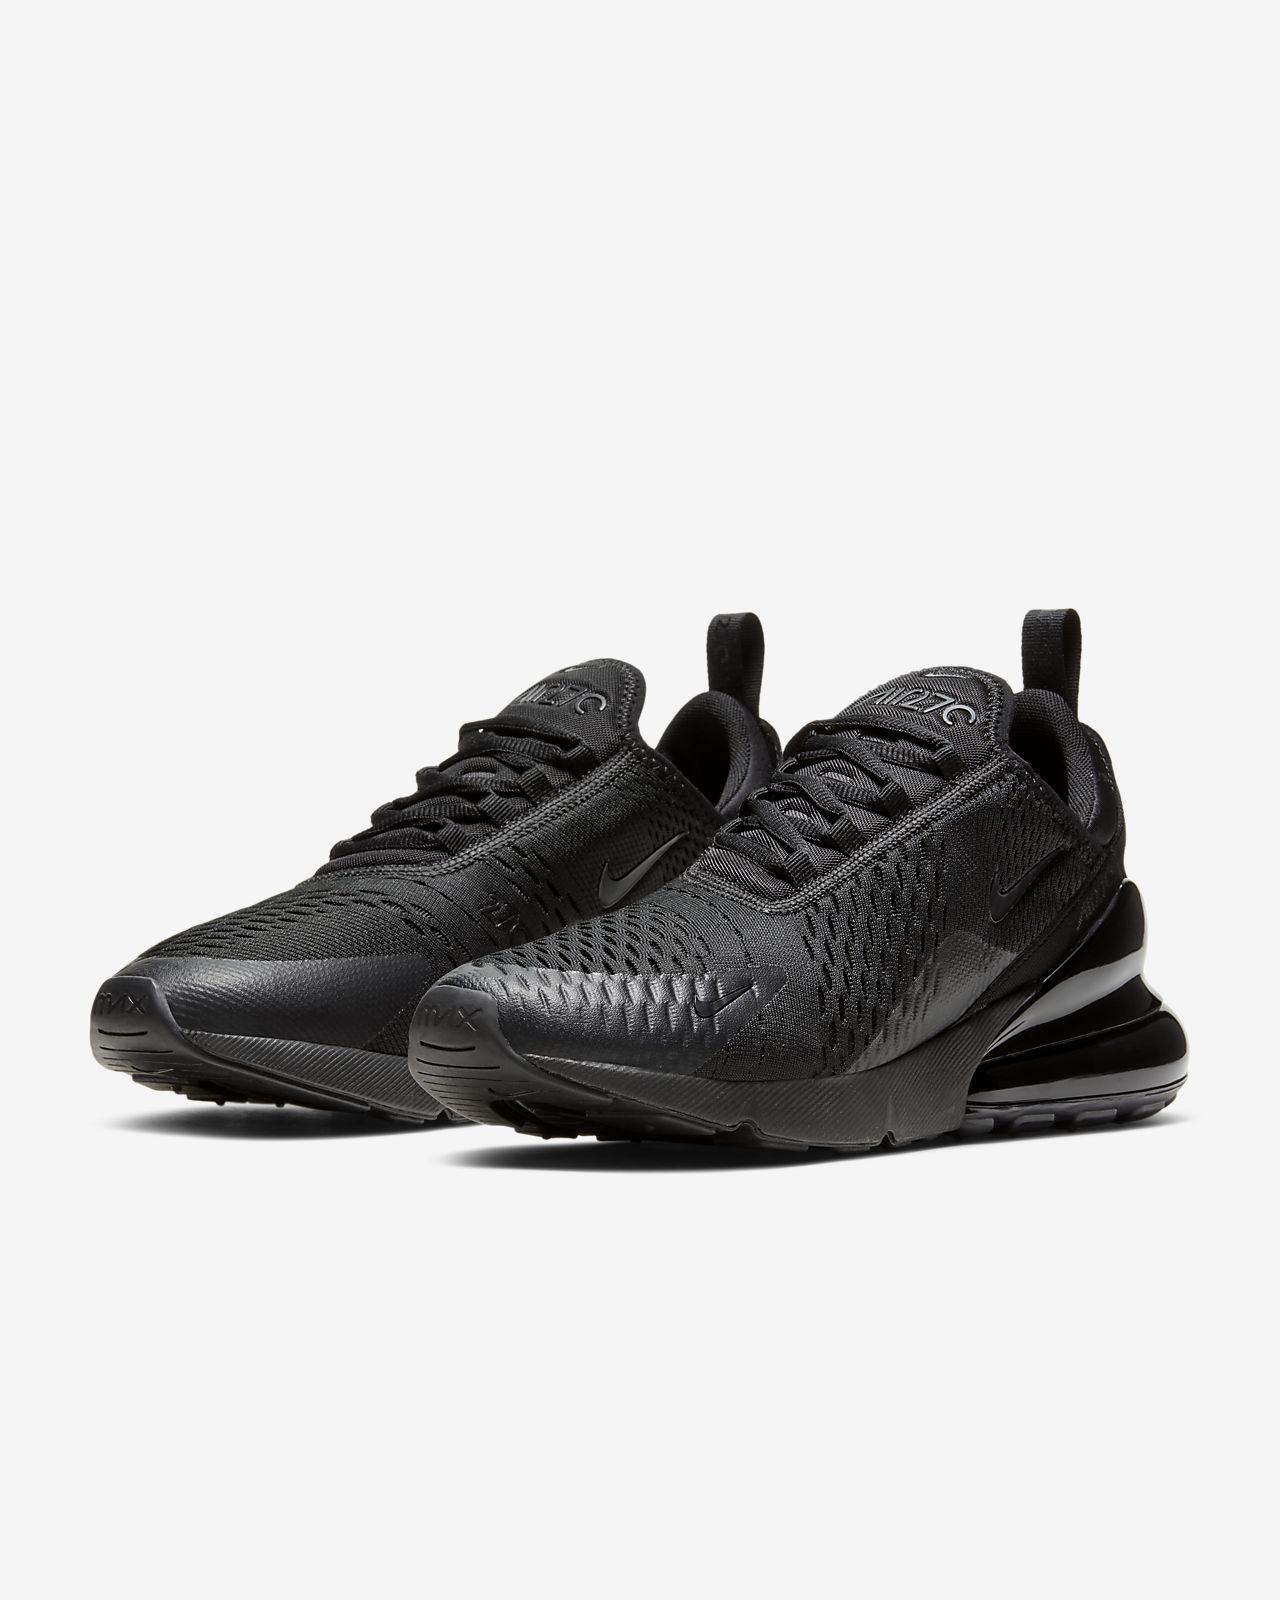 timeless design ef812 a3e19 ... Calzado para hombre Nike Air Max 270